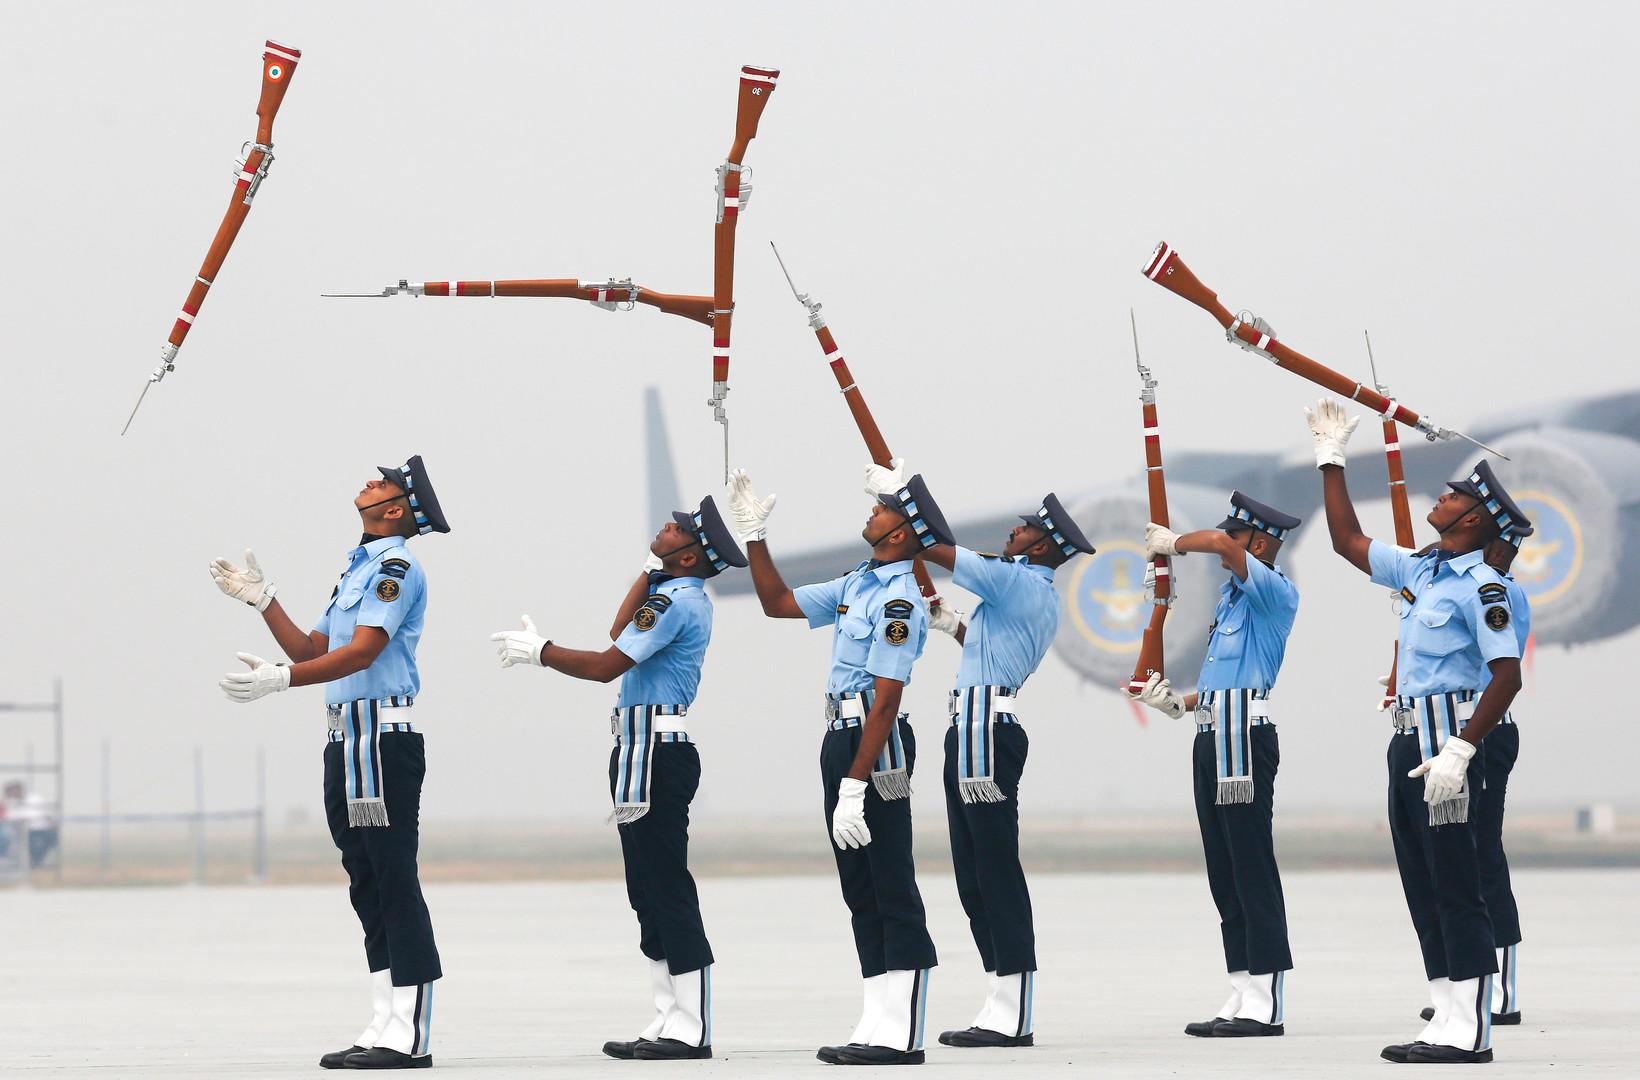 Служащие ВВС Индии готовятся к торжественному параду на базе Хиндон в Нью-Дели.